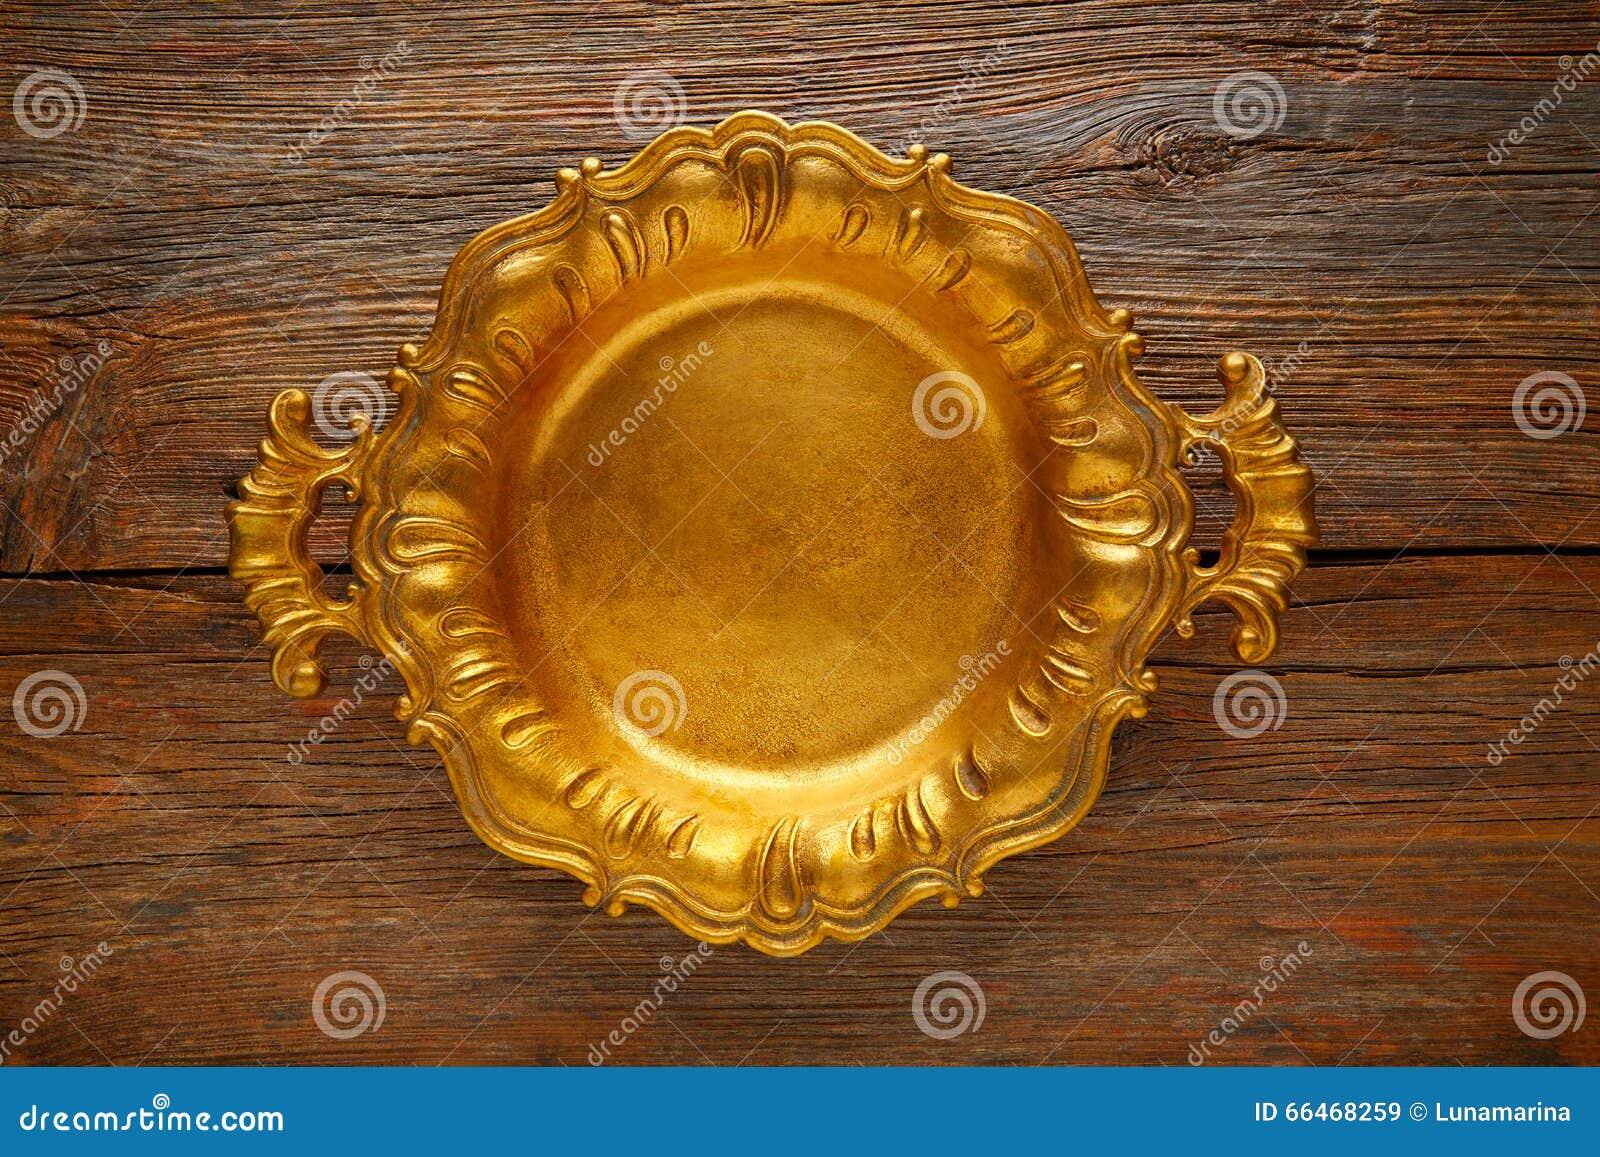 Винтажный золотой поднос круглый на постаретой коричневой древесине